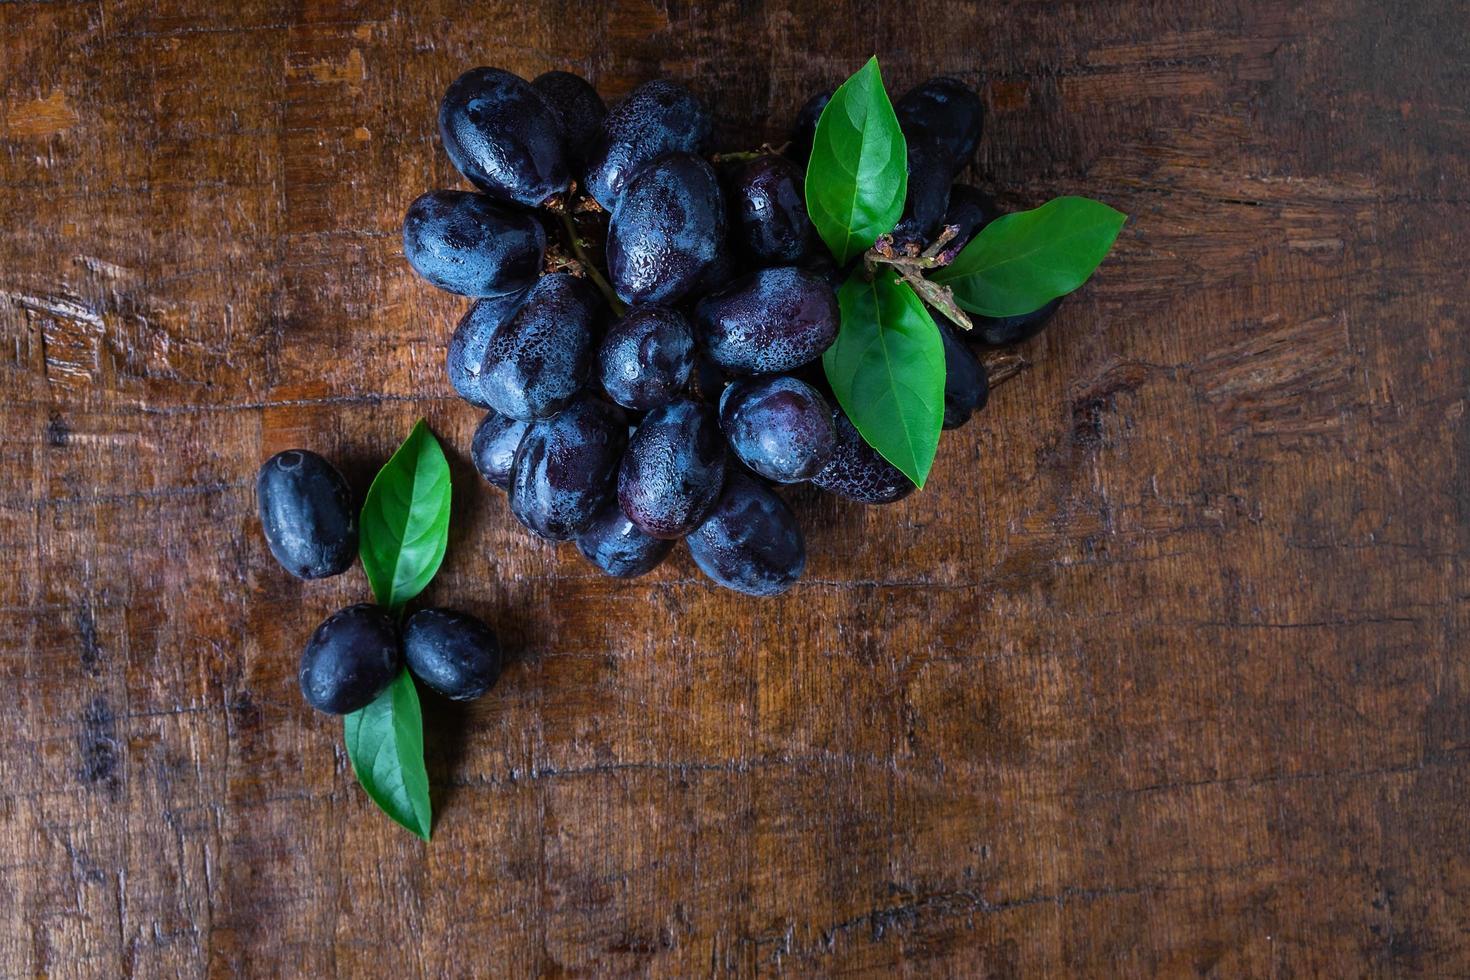 zwarte druiven op een houten tafel foto